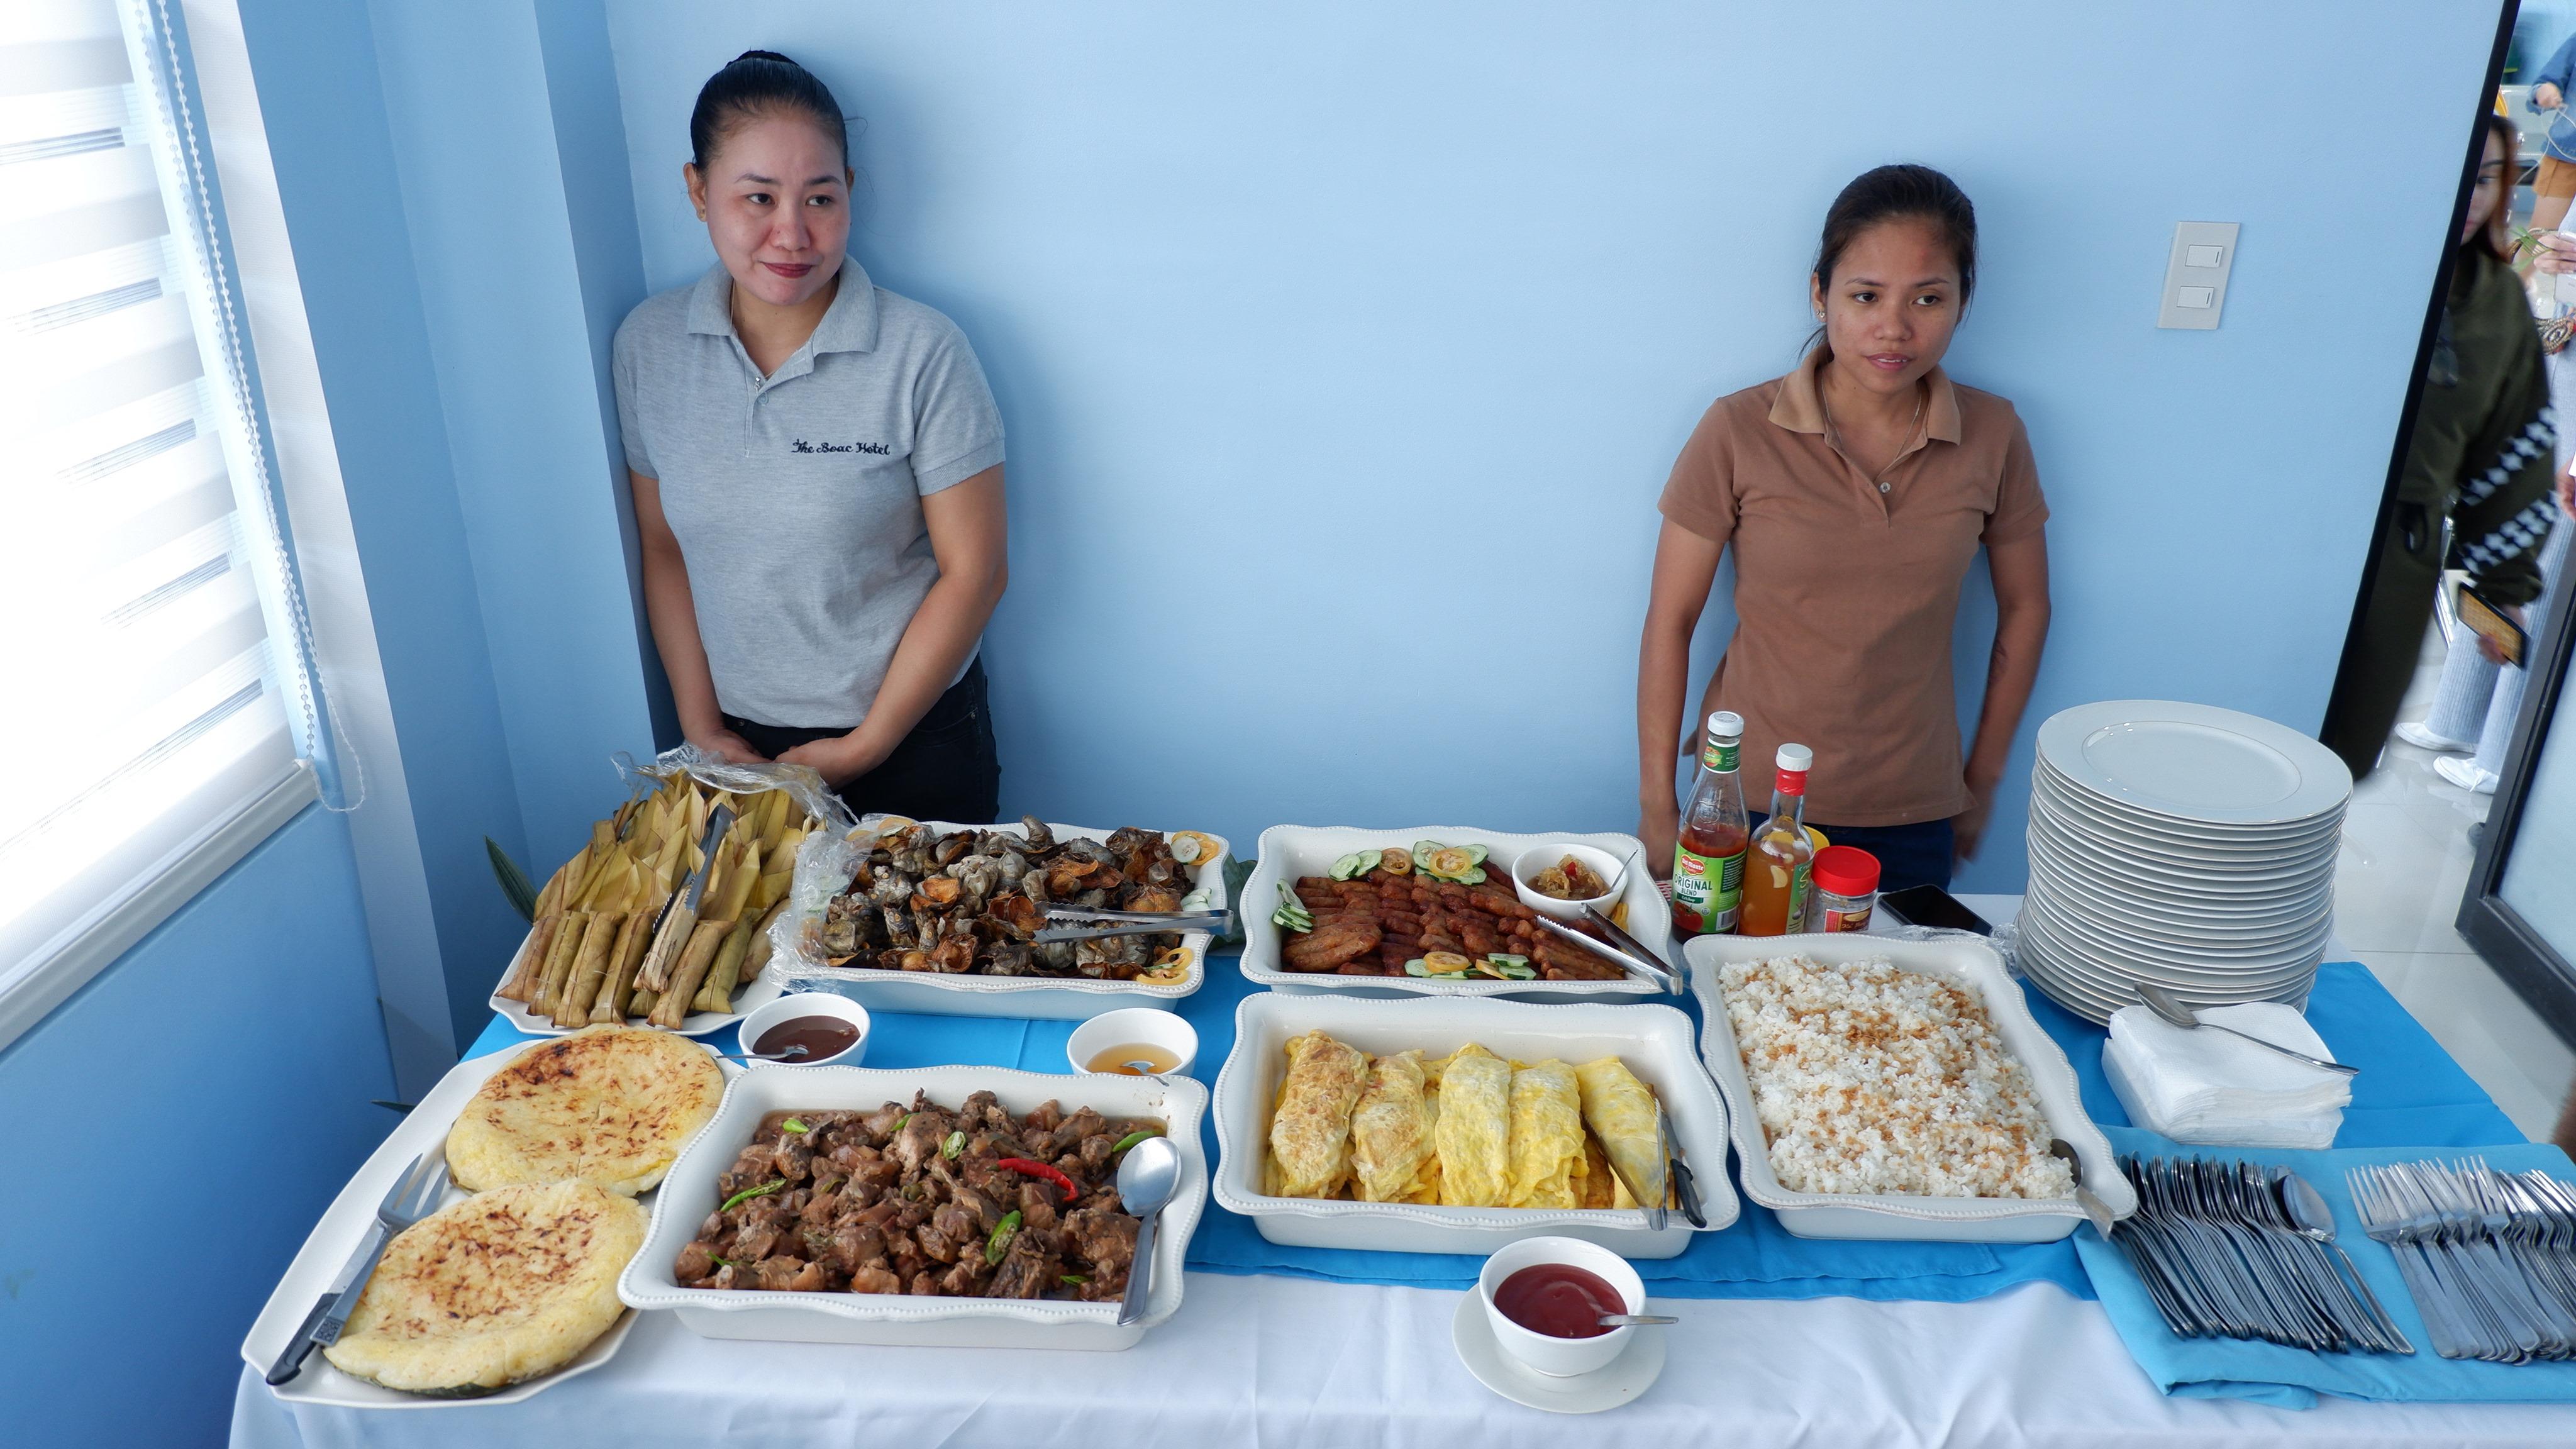 marinduque-food (2)